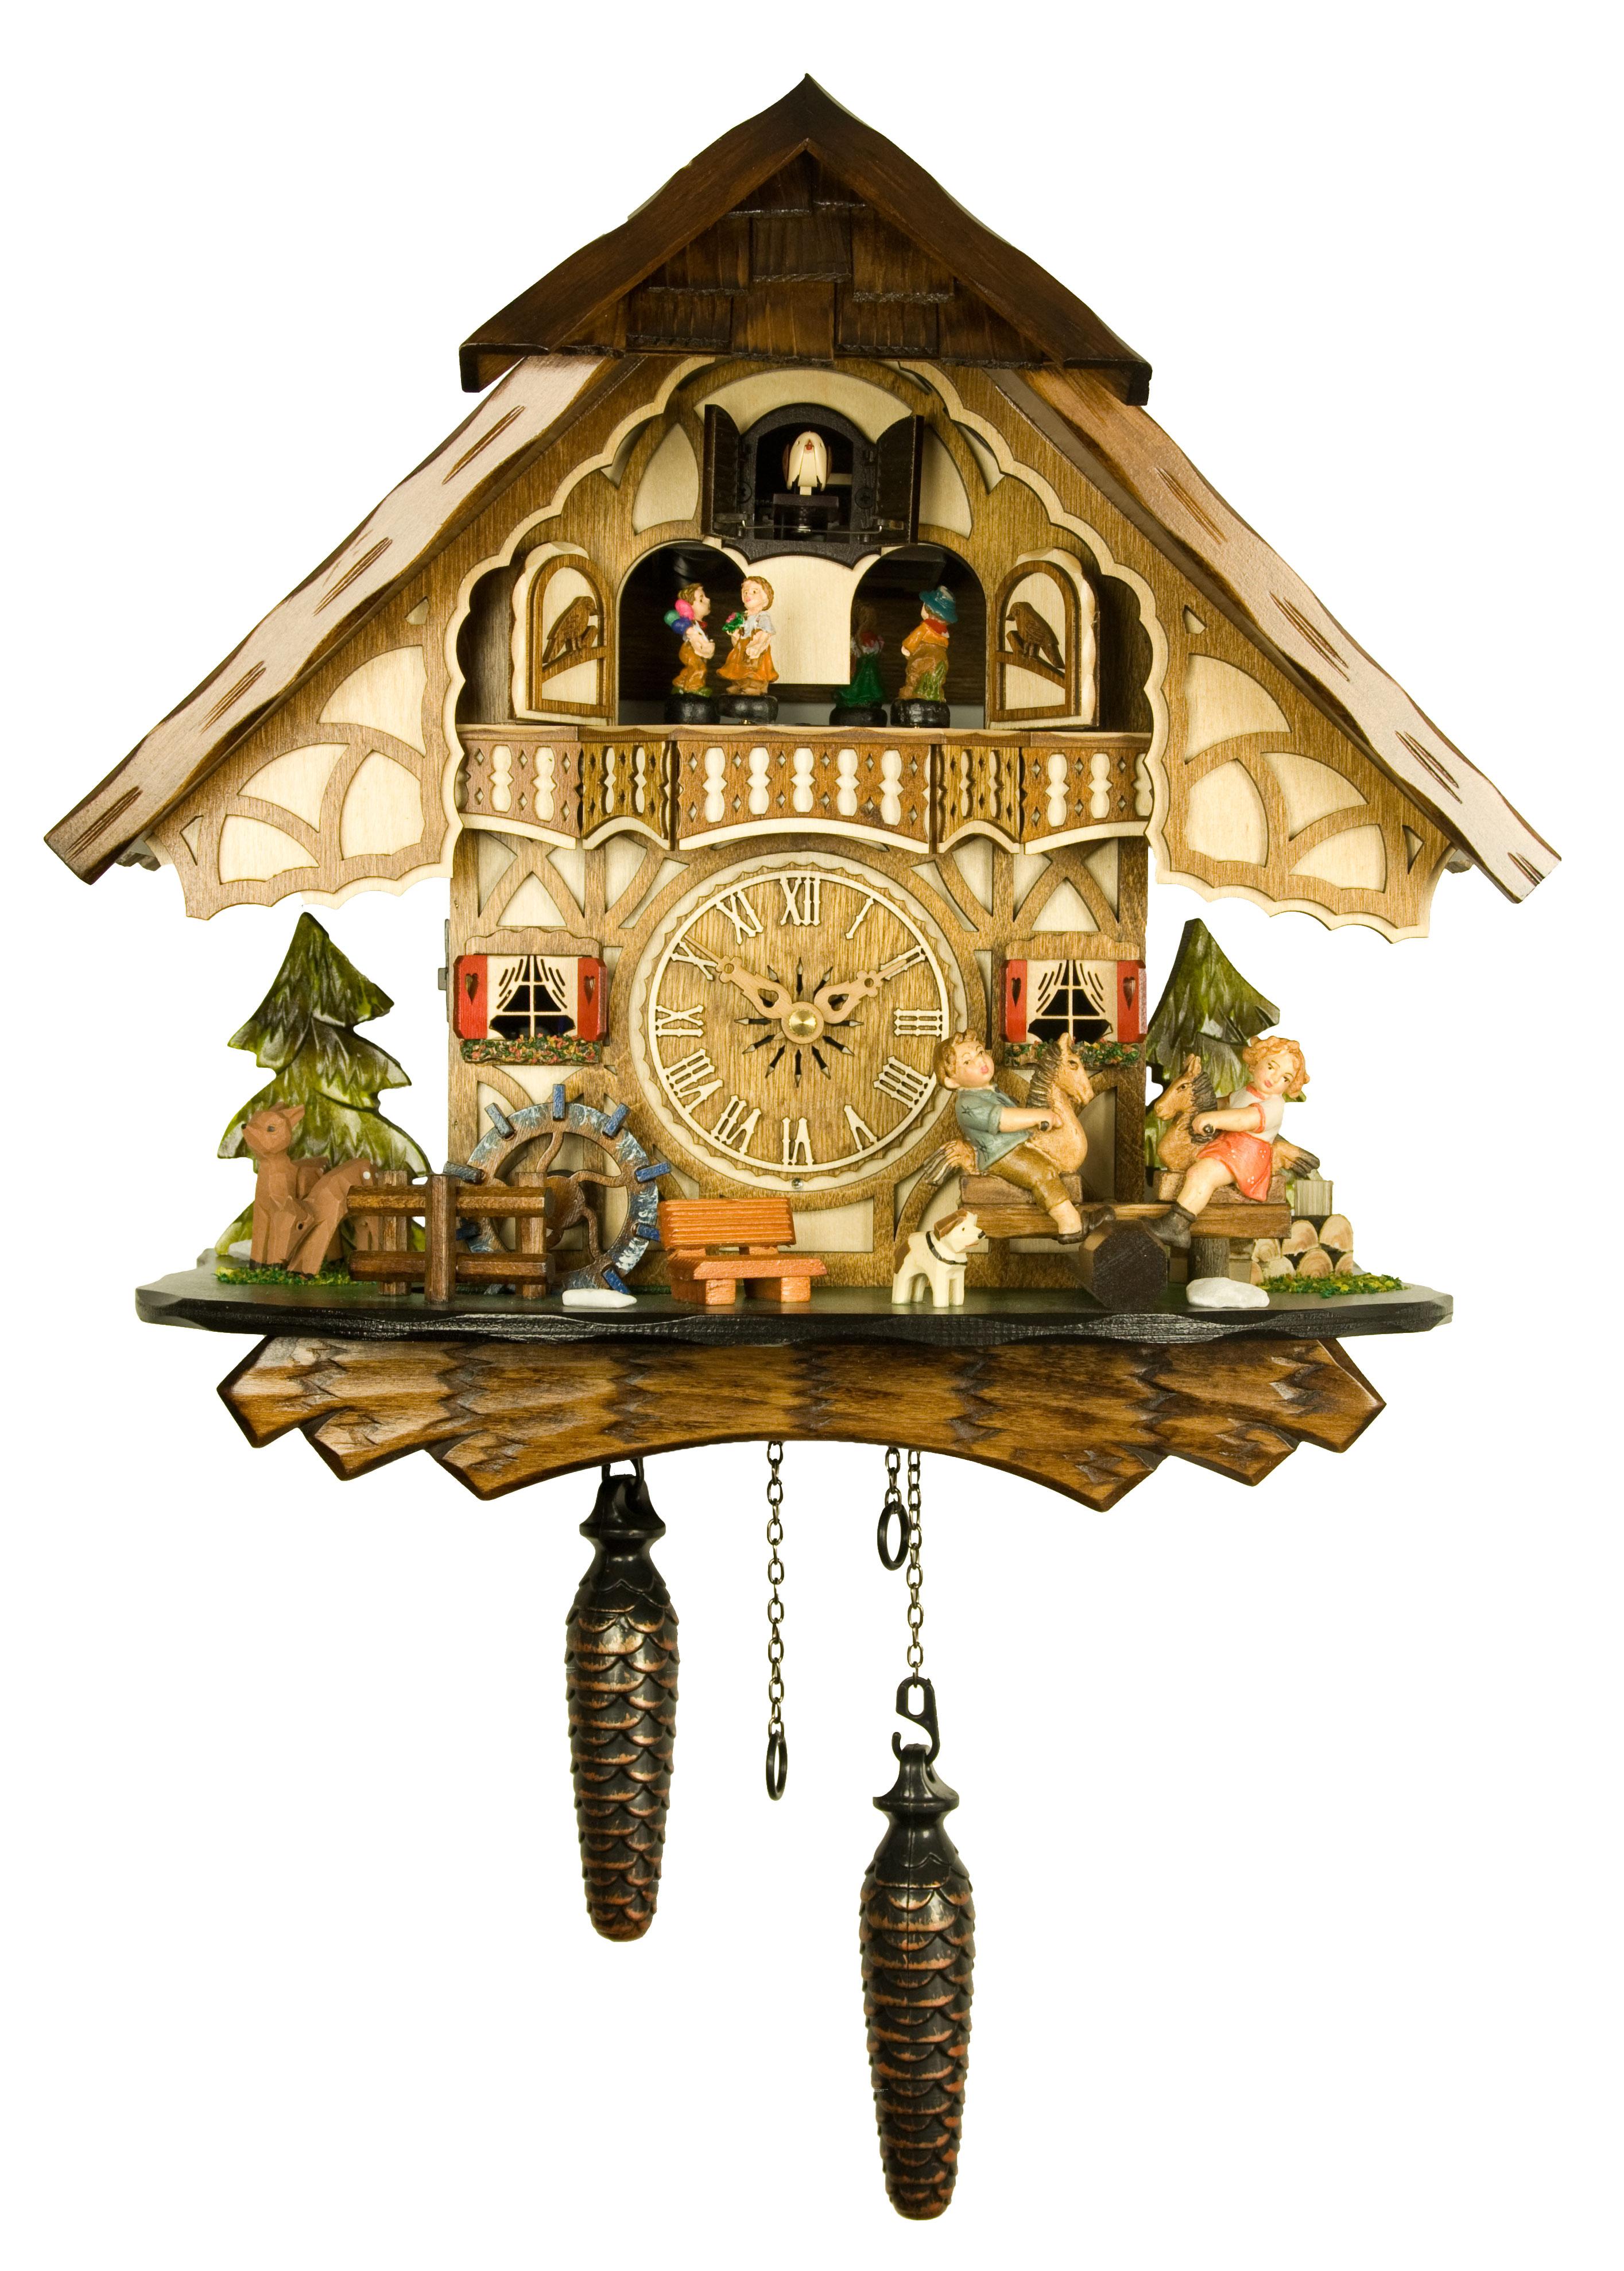 engstler quartz cuckoo clock the merry children quartz nr ah 4916 qmt. Black Bedroom Furniture Sets. Home Design Ideas